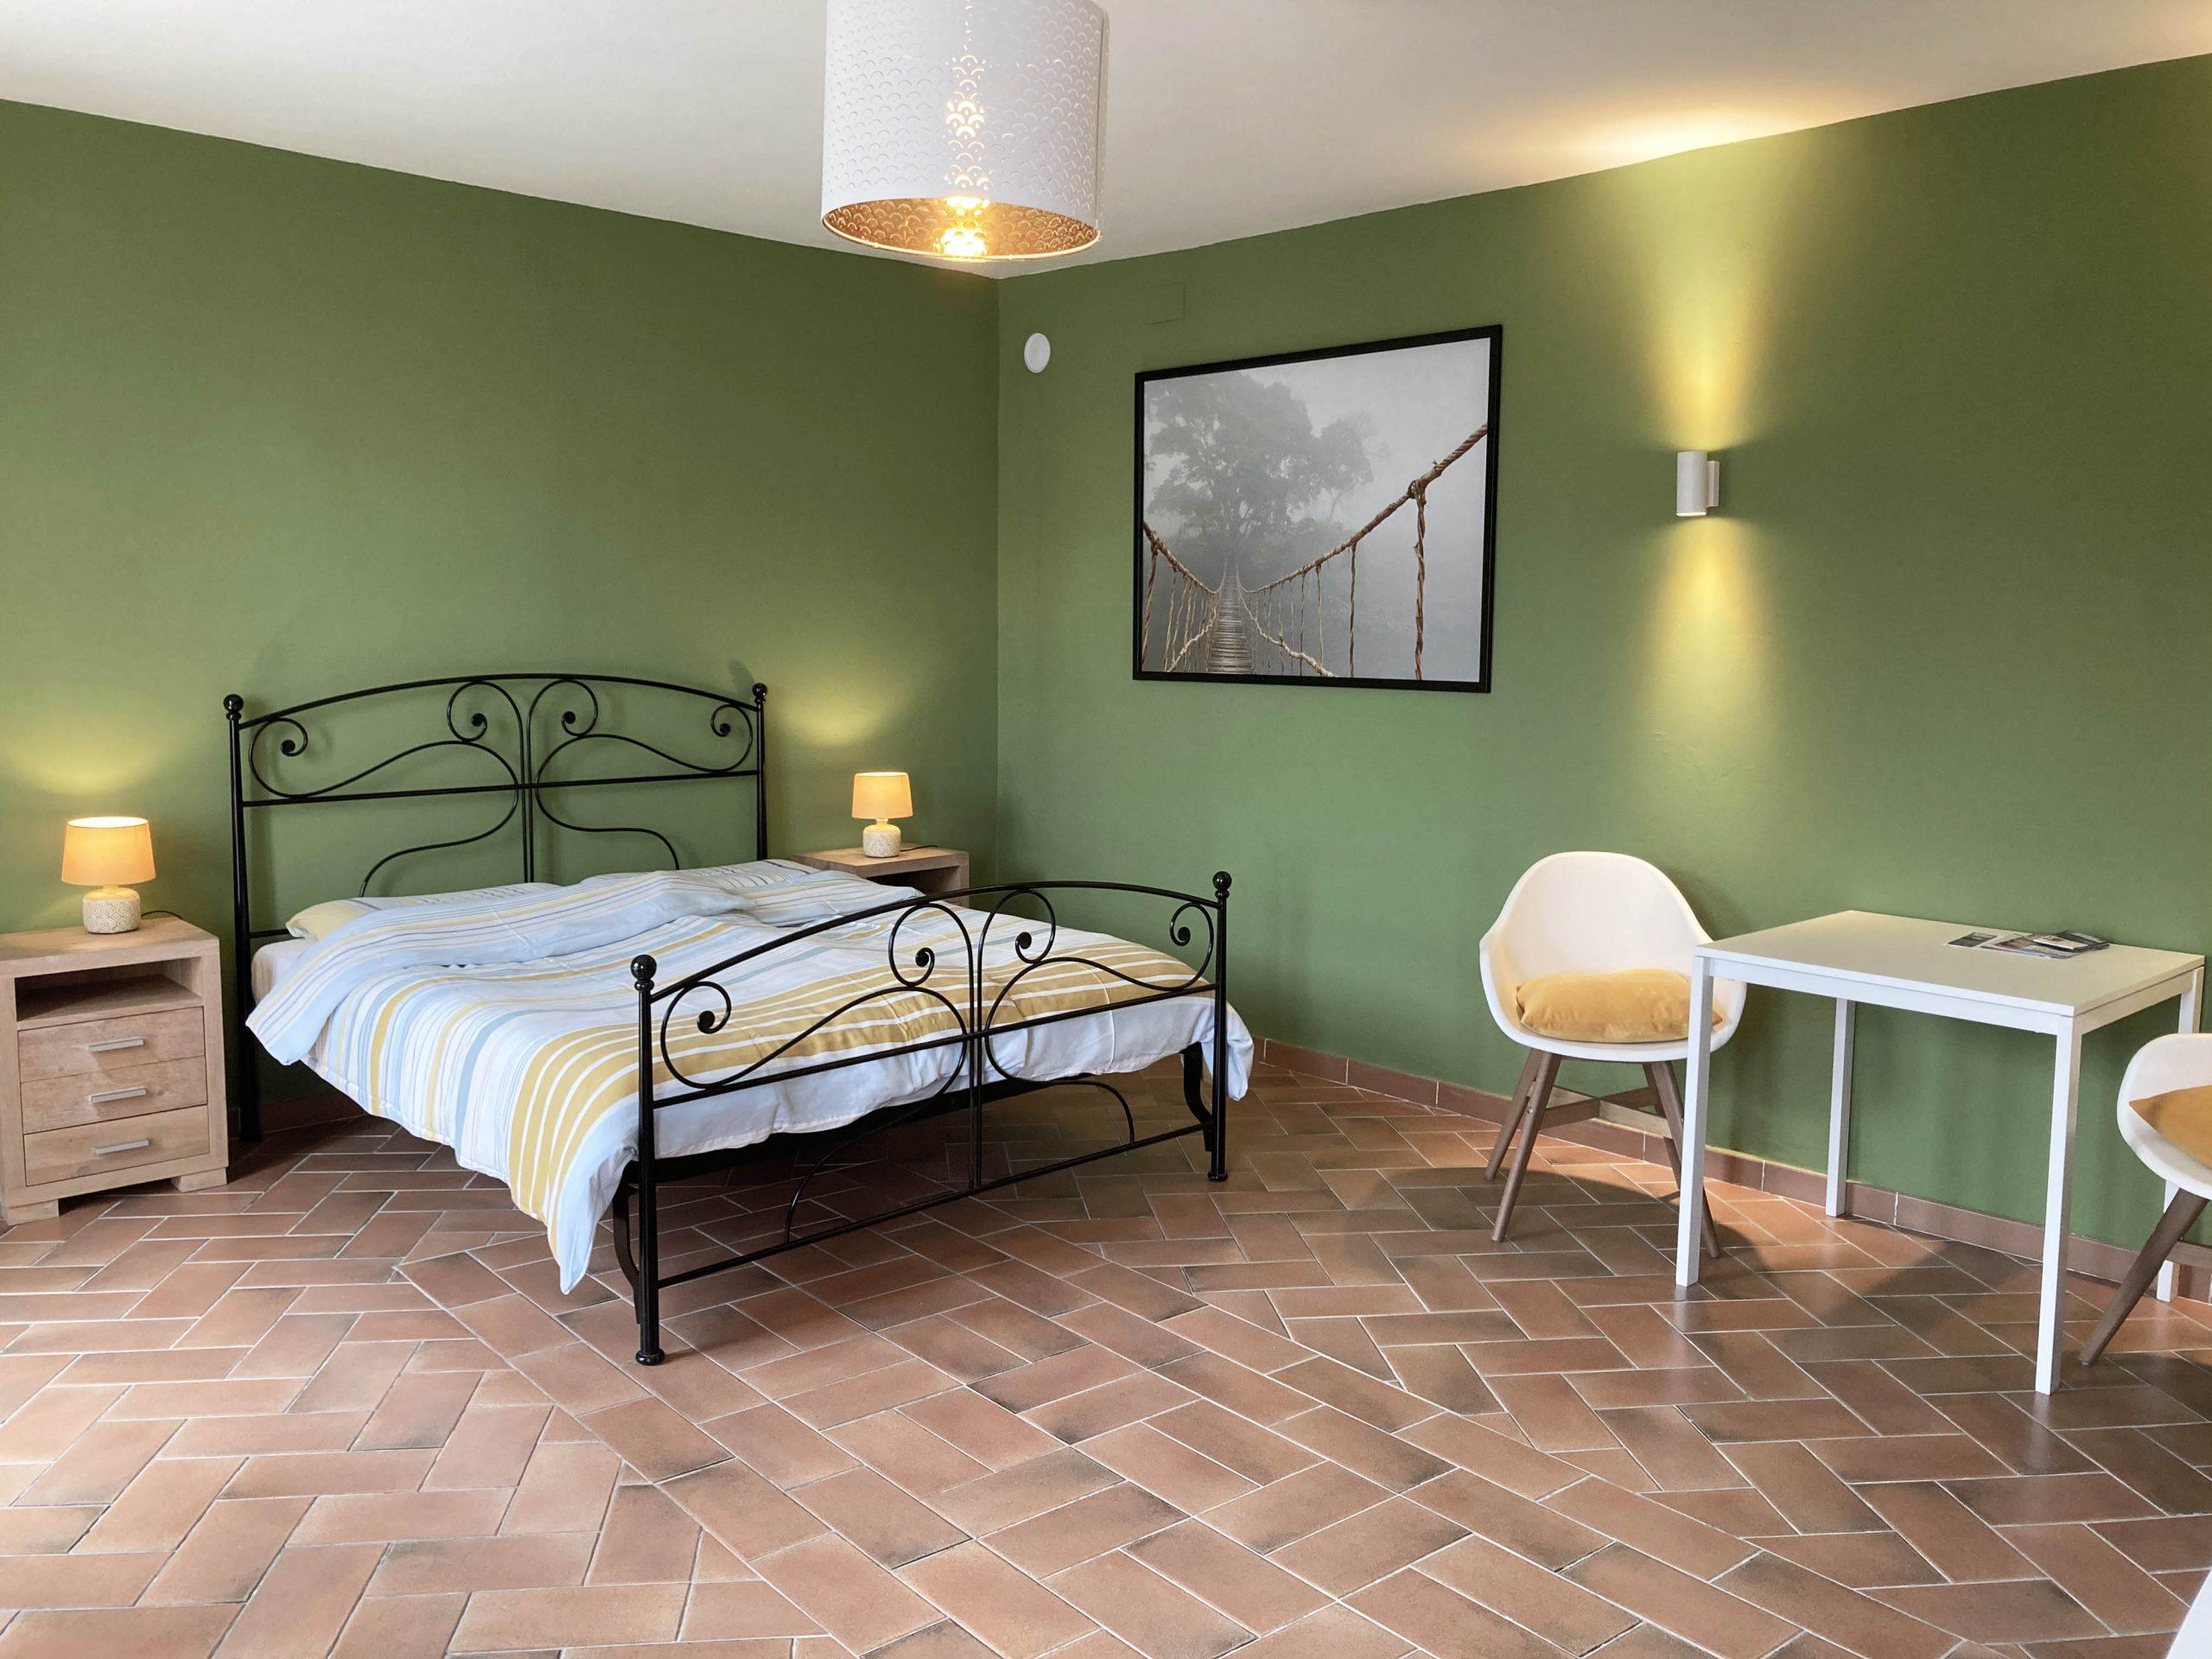 b&b_bb_bbbellavista_bella_vista_paggi_italie_italy_kamer_room_zimmer_camere_olive_03